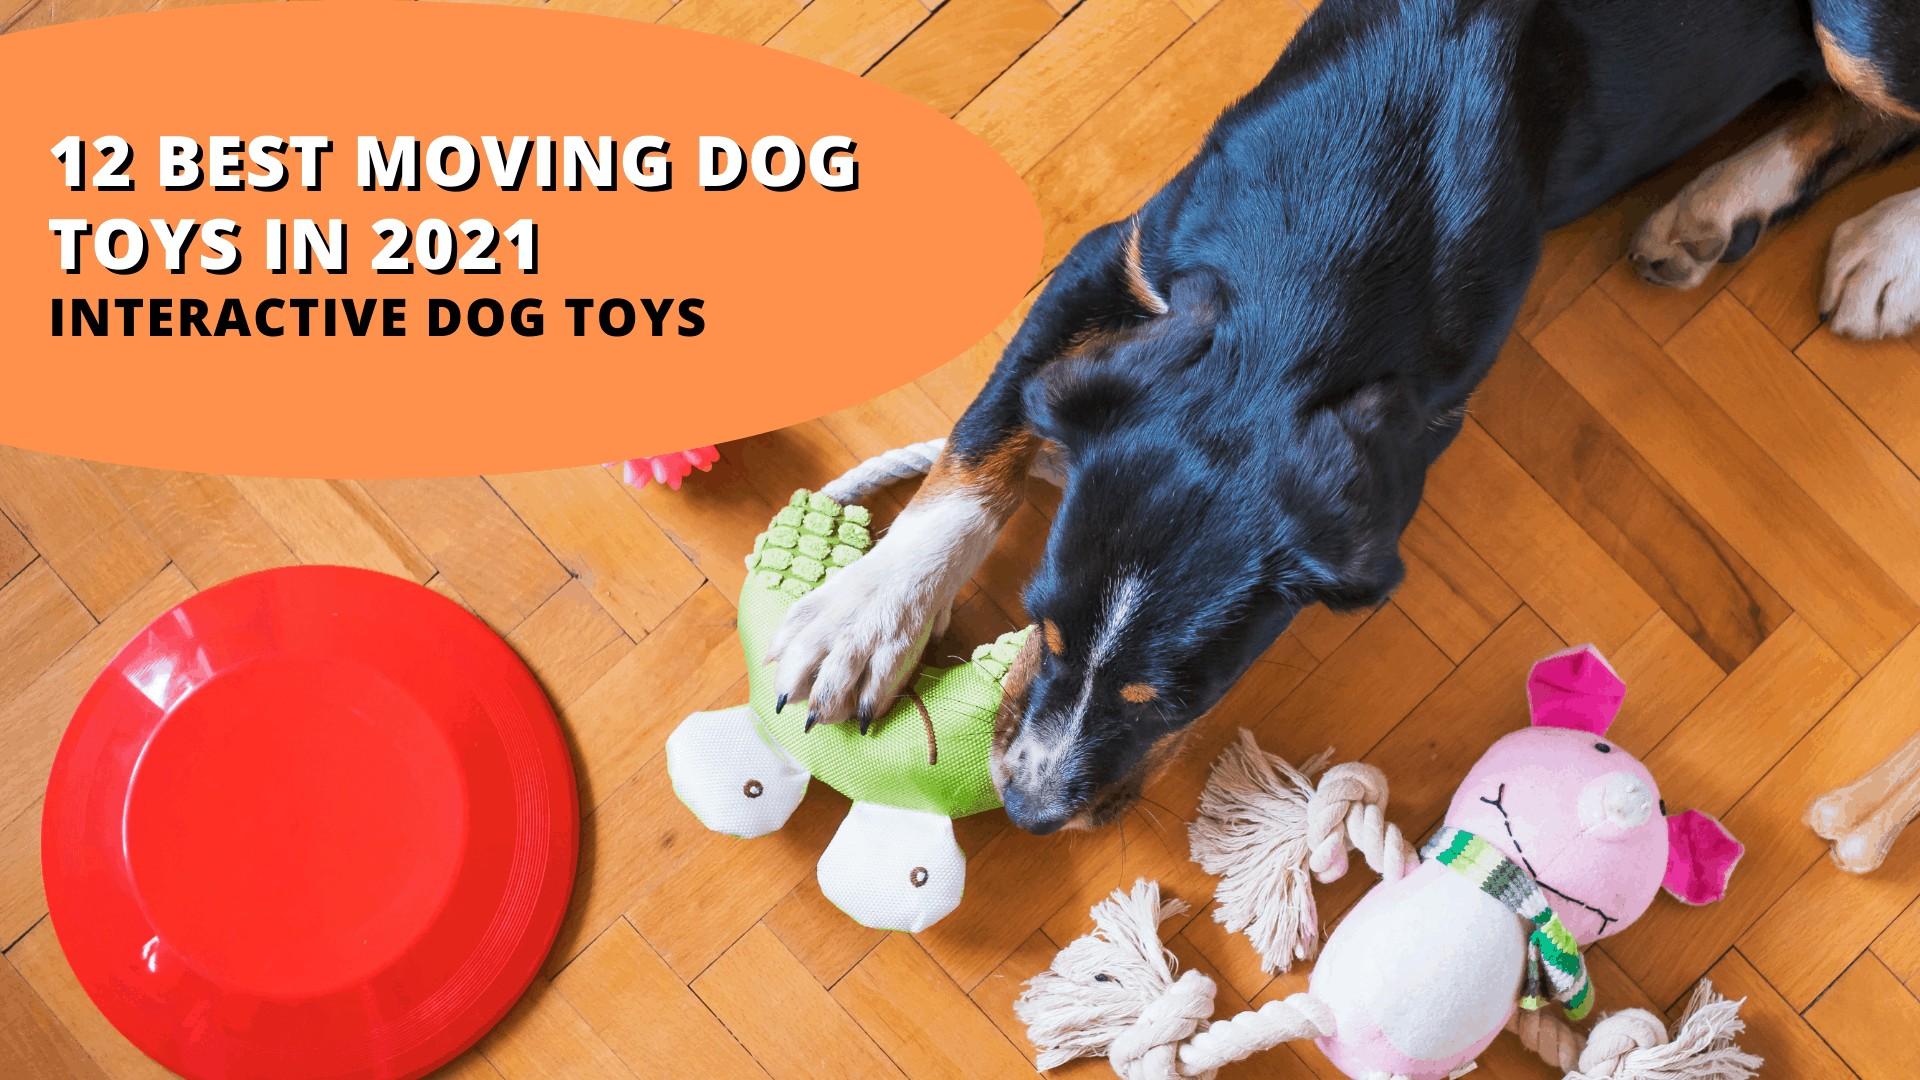 Moving Dog Toys